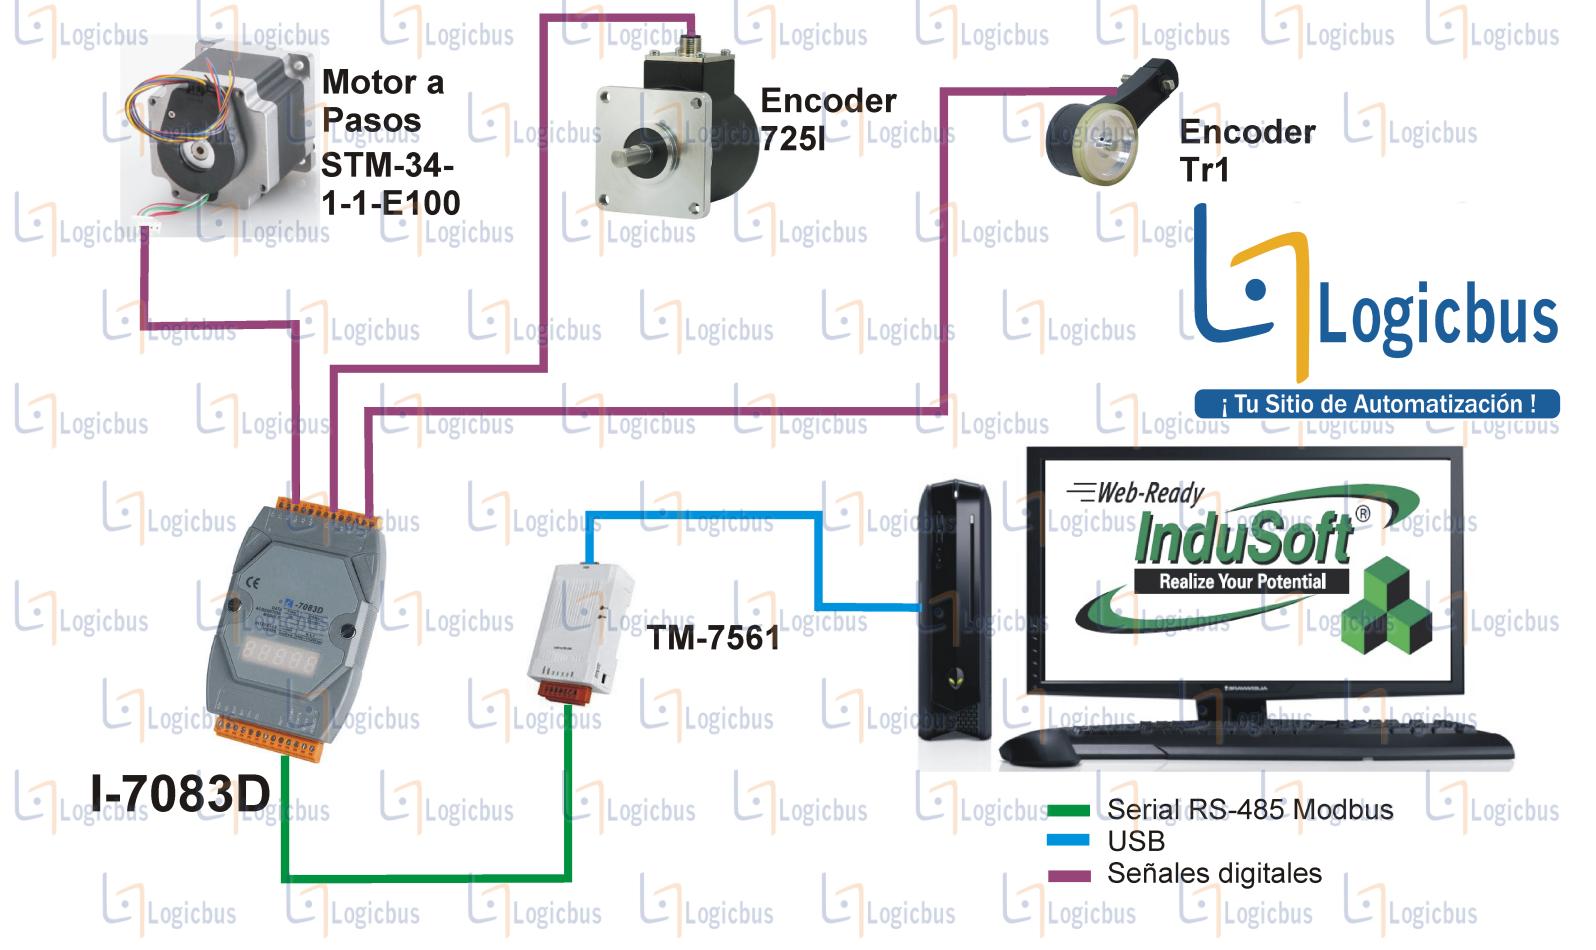 Diagrama de aplicación I-7083